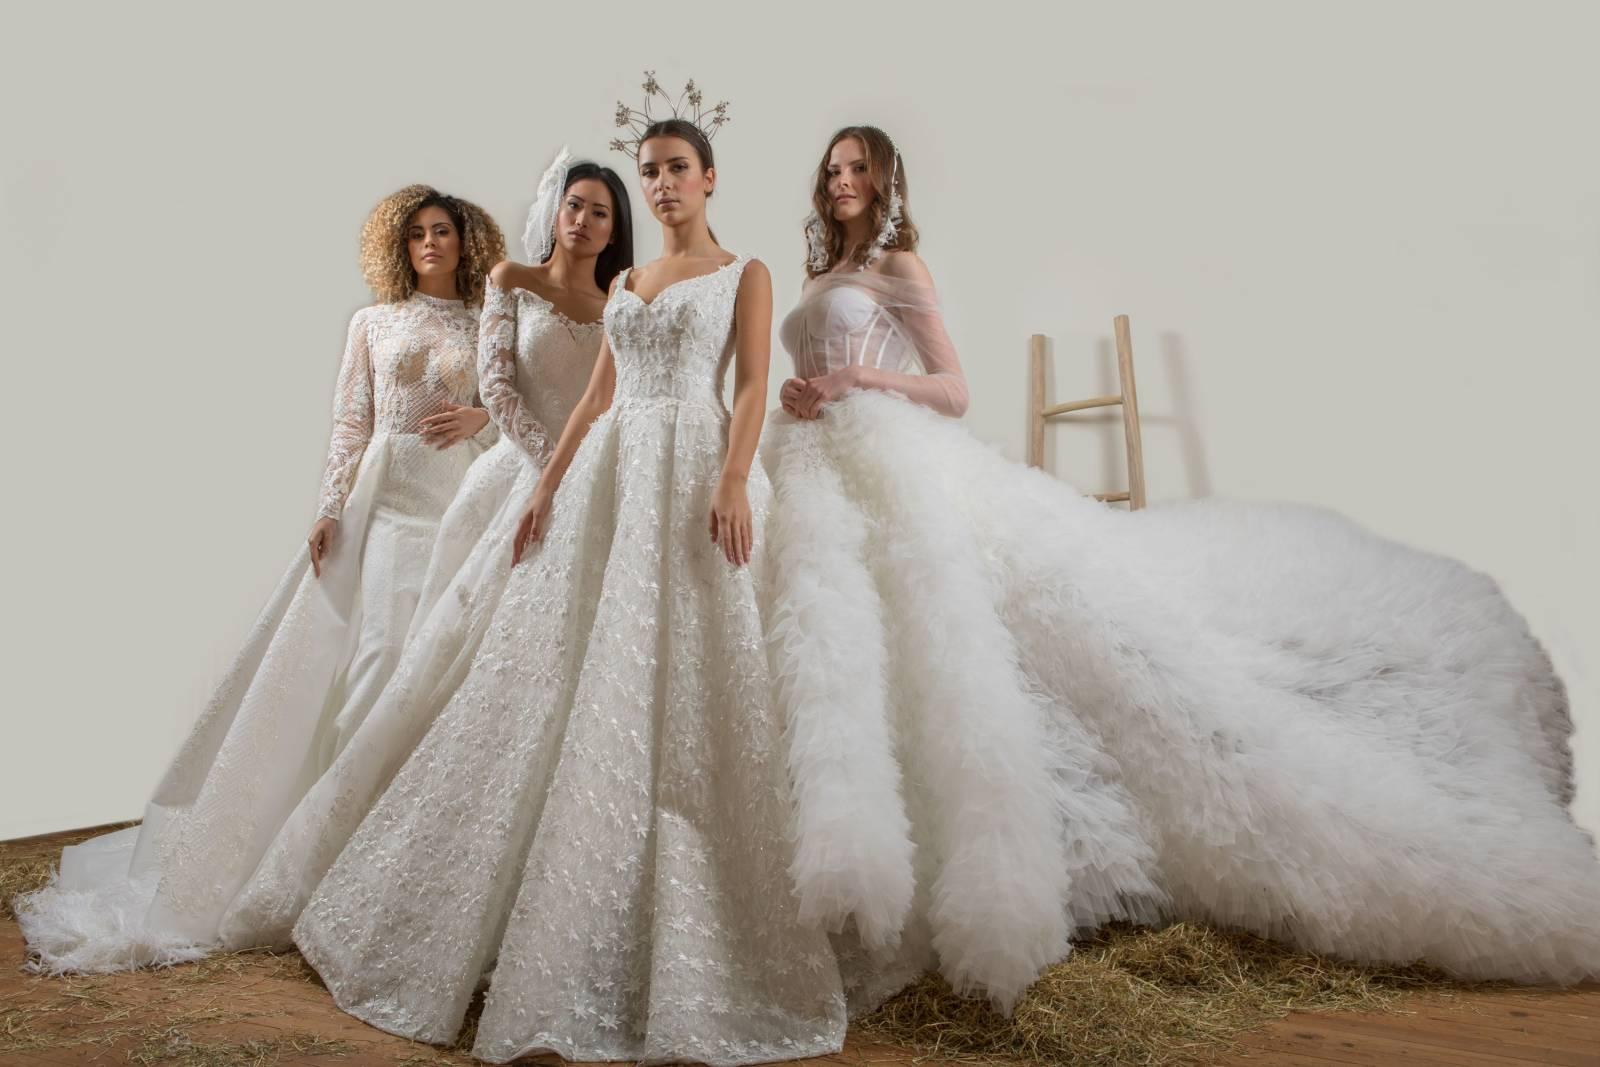 Atelier ExC - Trouwjurken - Bruidsjurken - Bruidswinkel - Bruidsmodewinkel - House of Weddings - 84